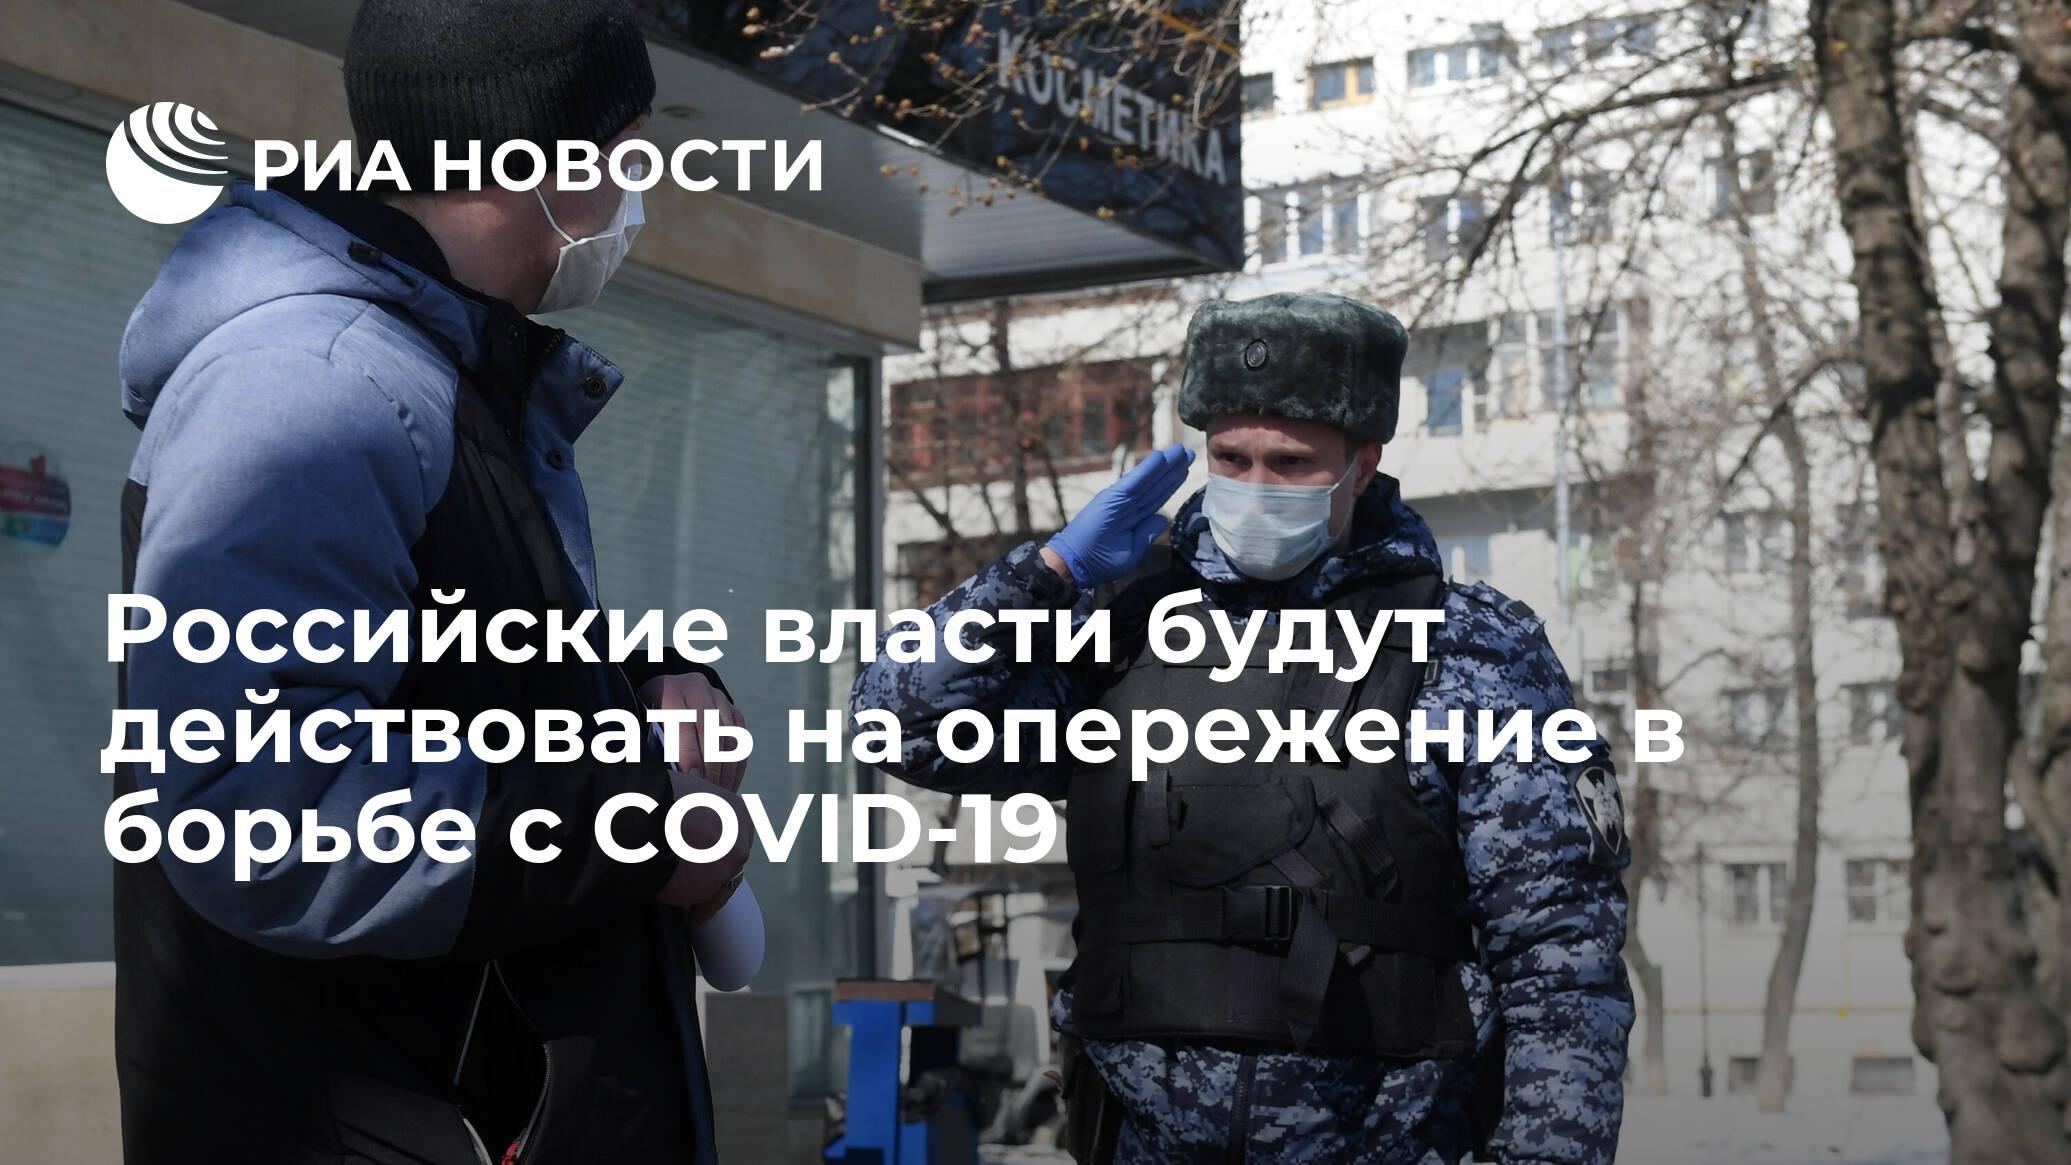 Российские власти будут действовать на опережение в борьбе с COVID-19